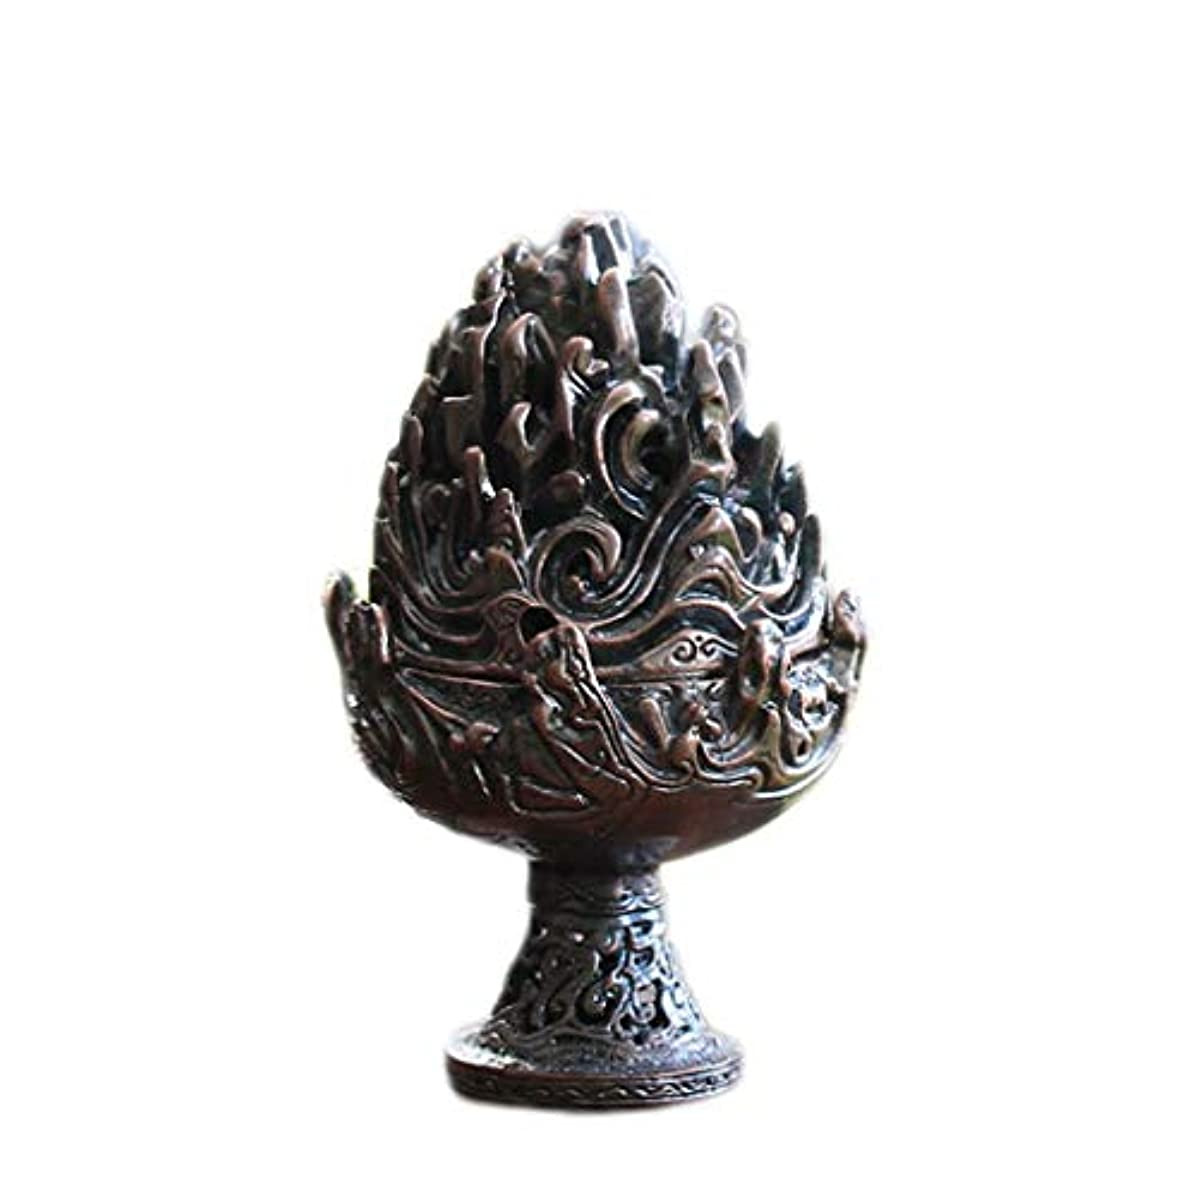 不名誉スリラー解凍する、雪解け、霜解けホームアロマバーナー 純銅香炉レトロ懐かしい屋内真鍮銅香炉 アロマバーナー (Color : Purple copper)